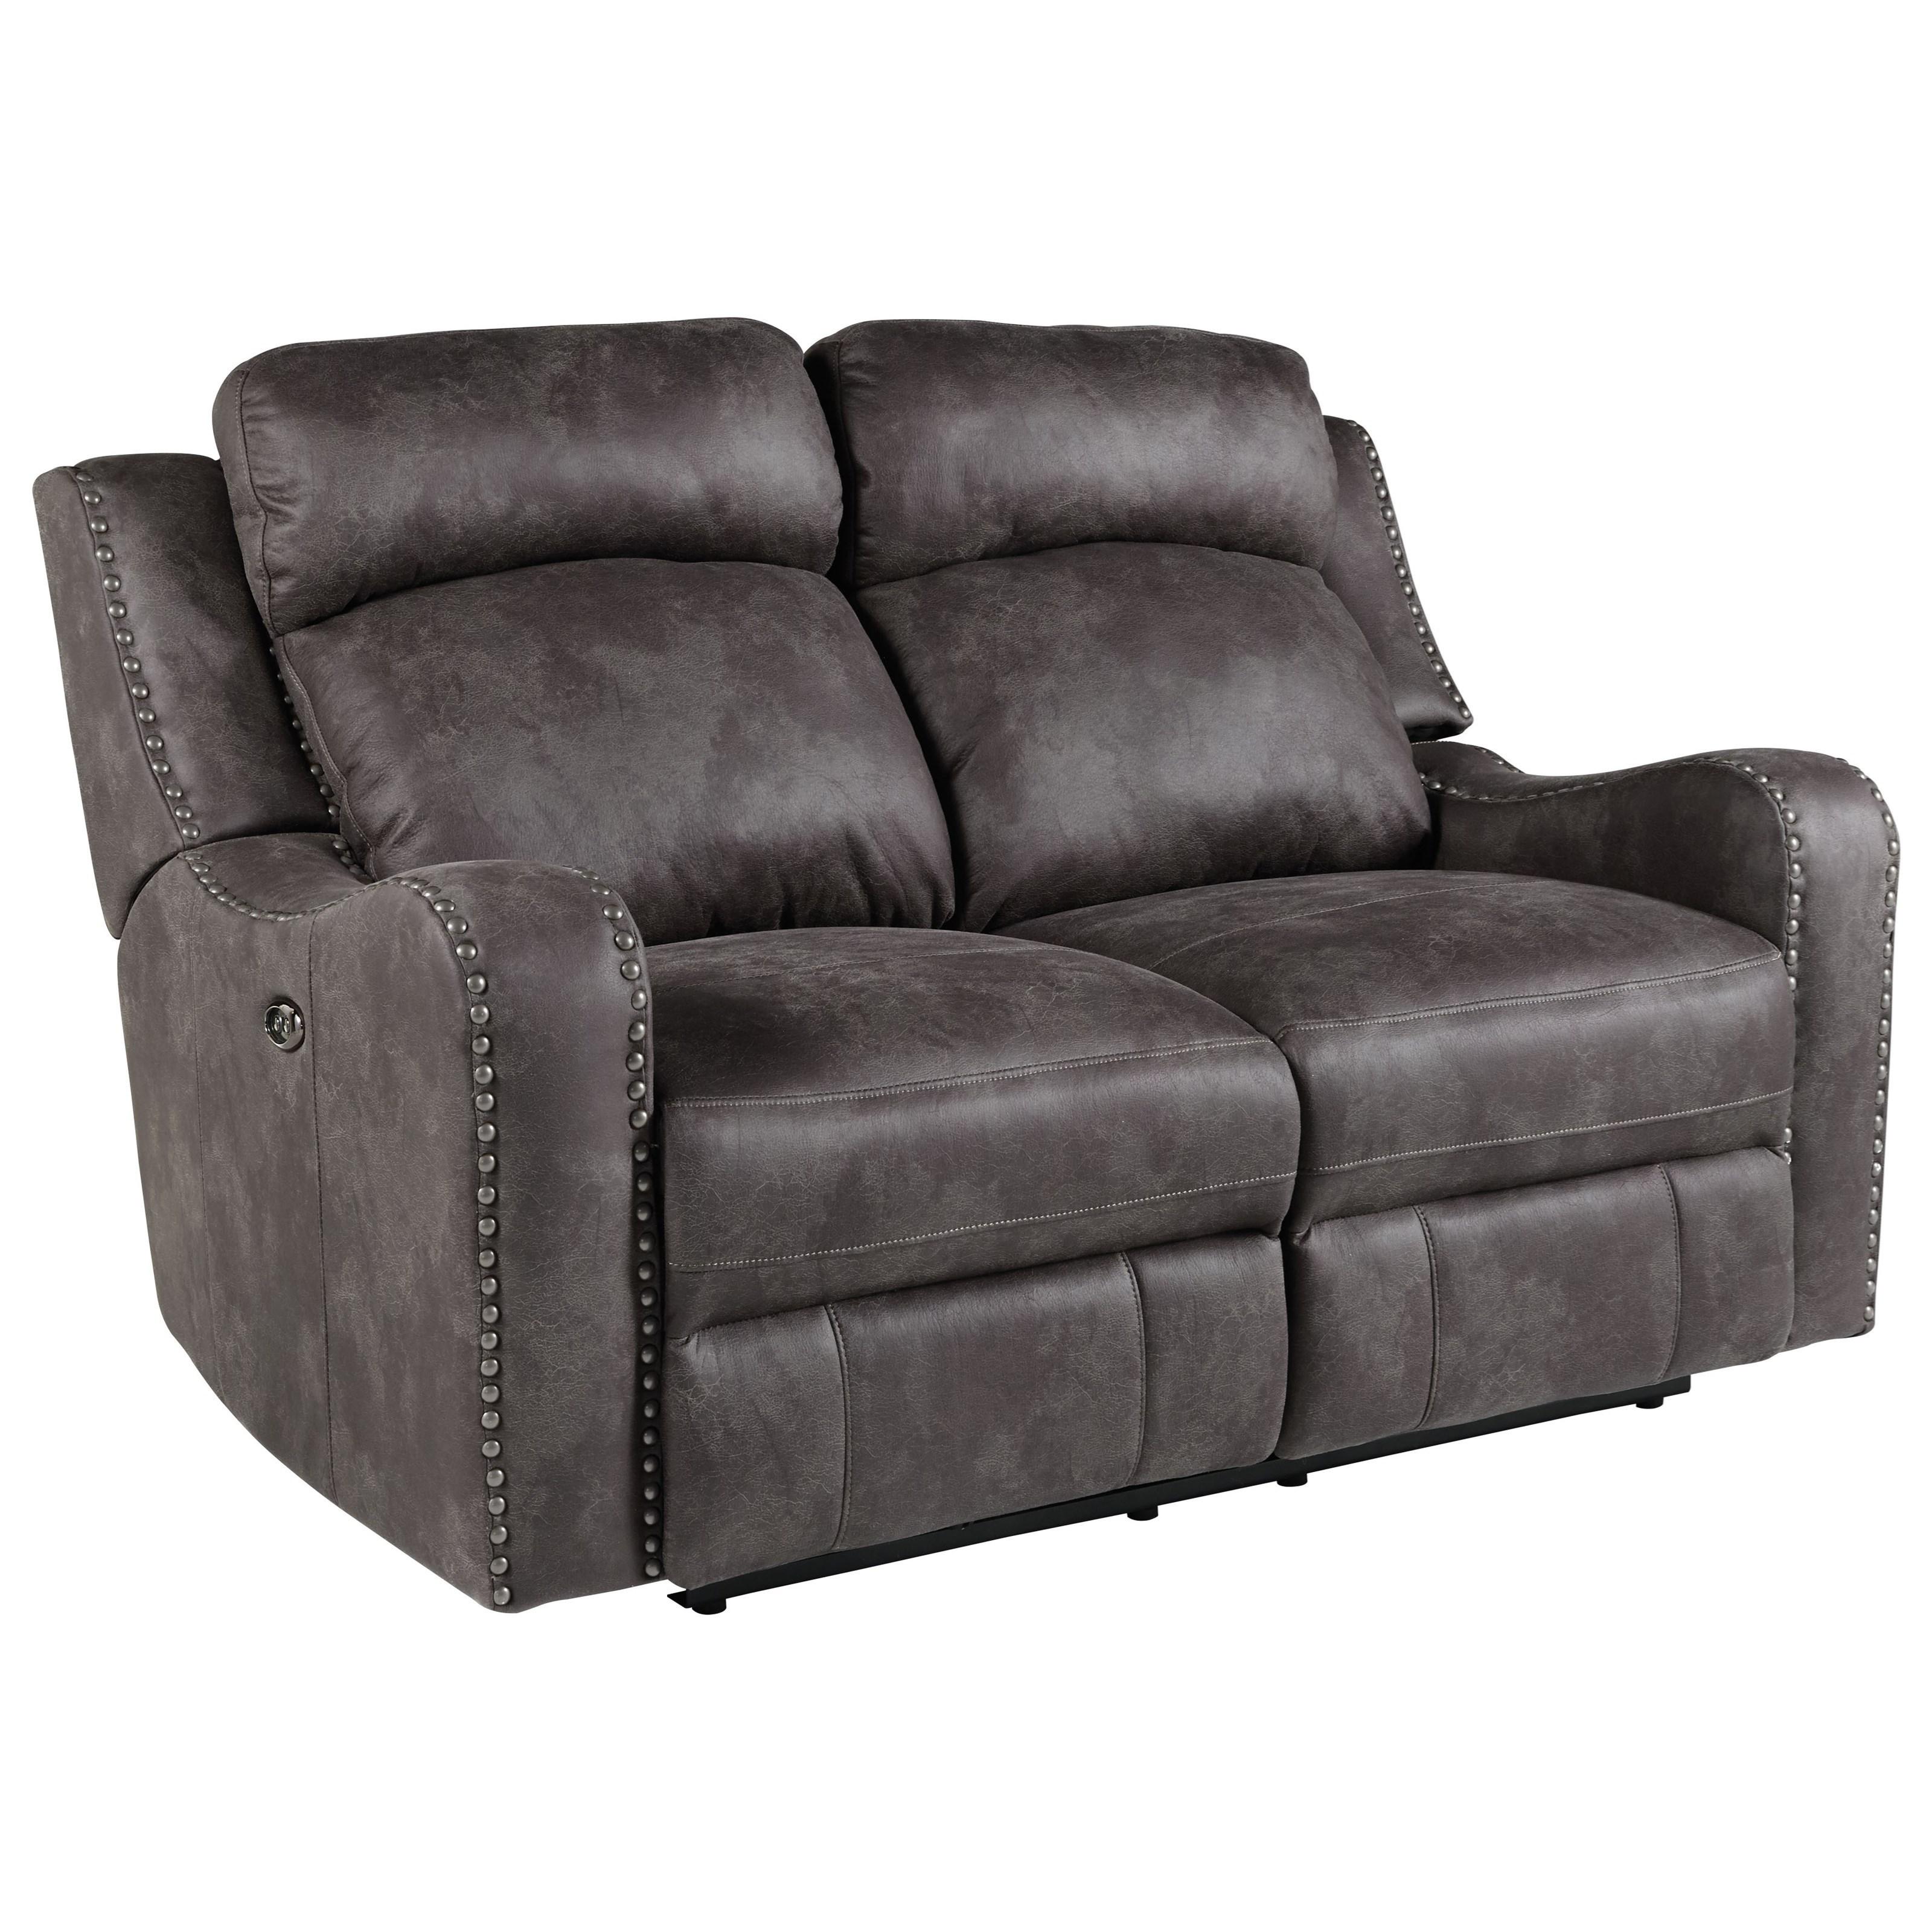 Standard Furniture Bankston Reclining Loveseat - Item Number: 4148433